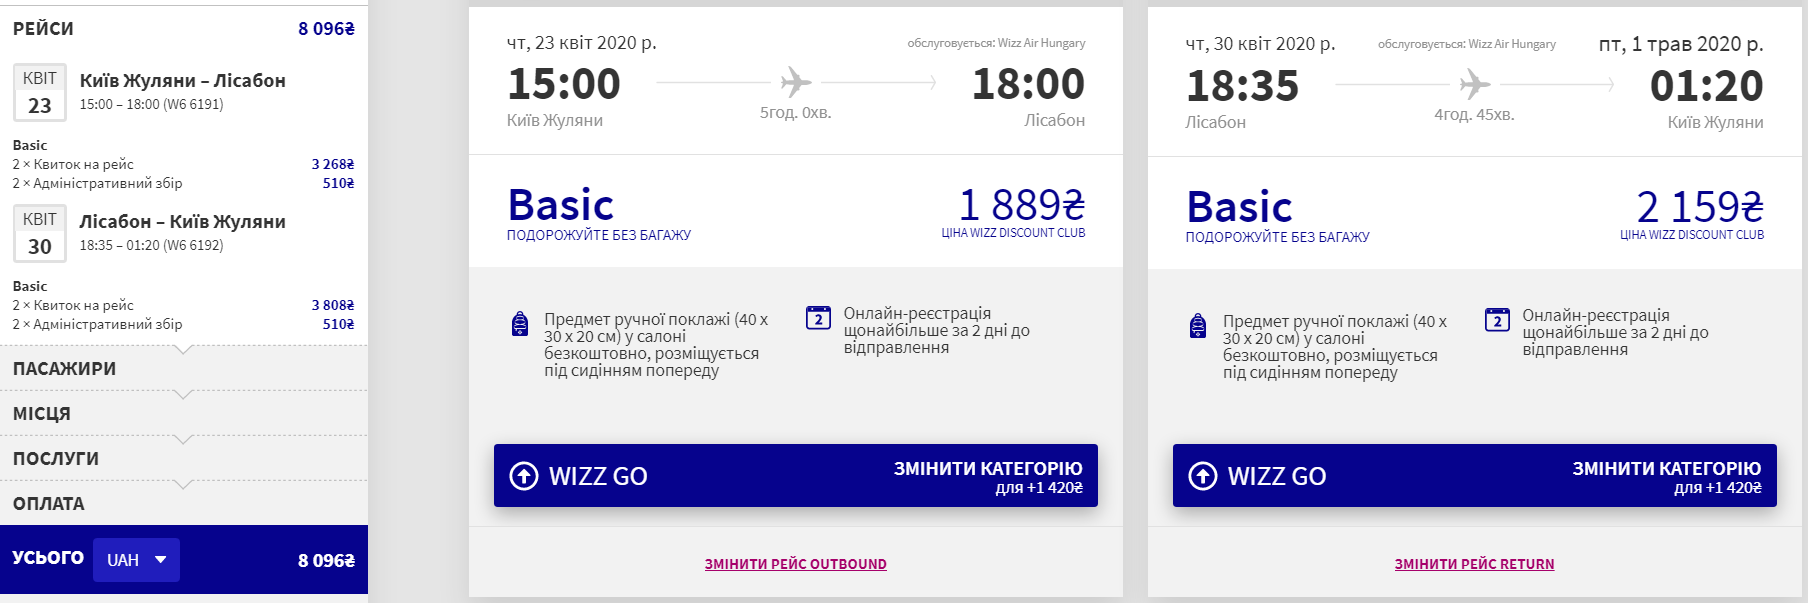 Київ - Лісабон - Київ >>